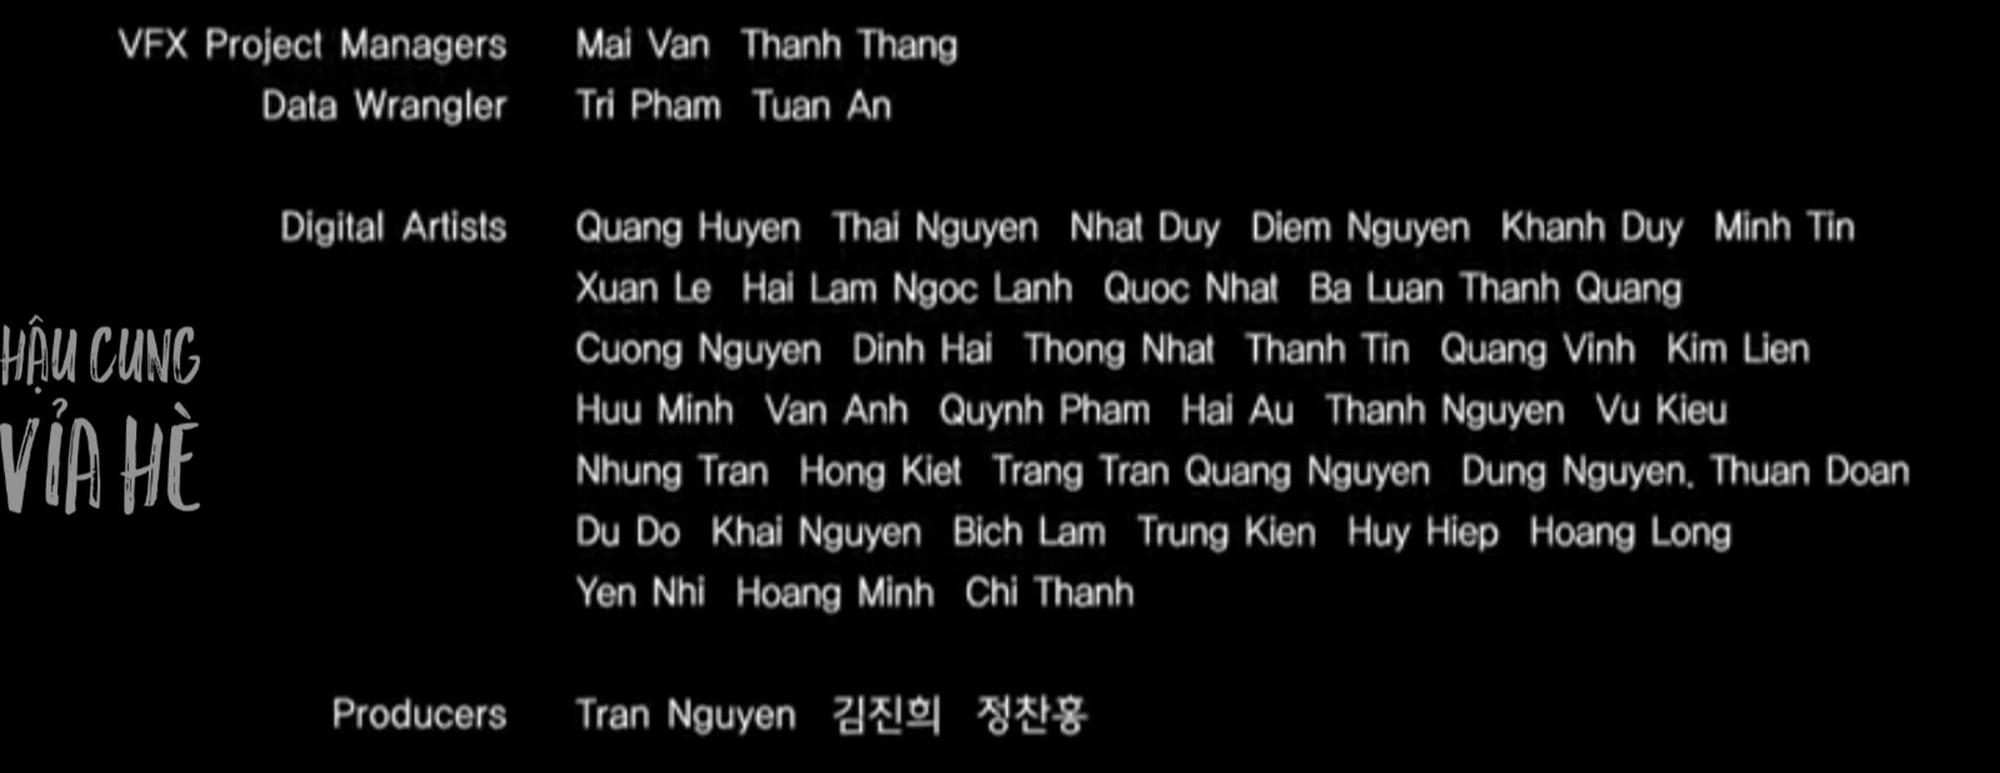 Bom tấn châu Á Squid game do ekip Việt Nam thực hiện đồ hoạ? - Ảnh 4.